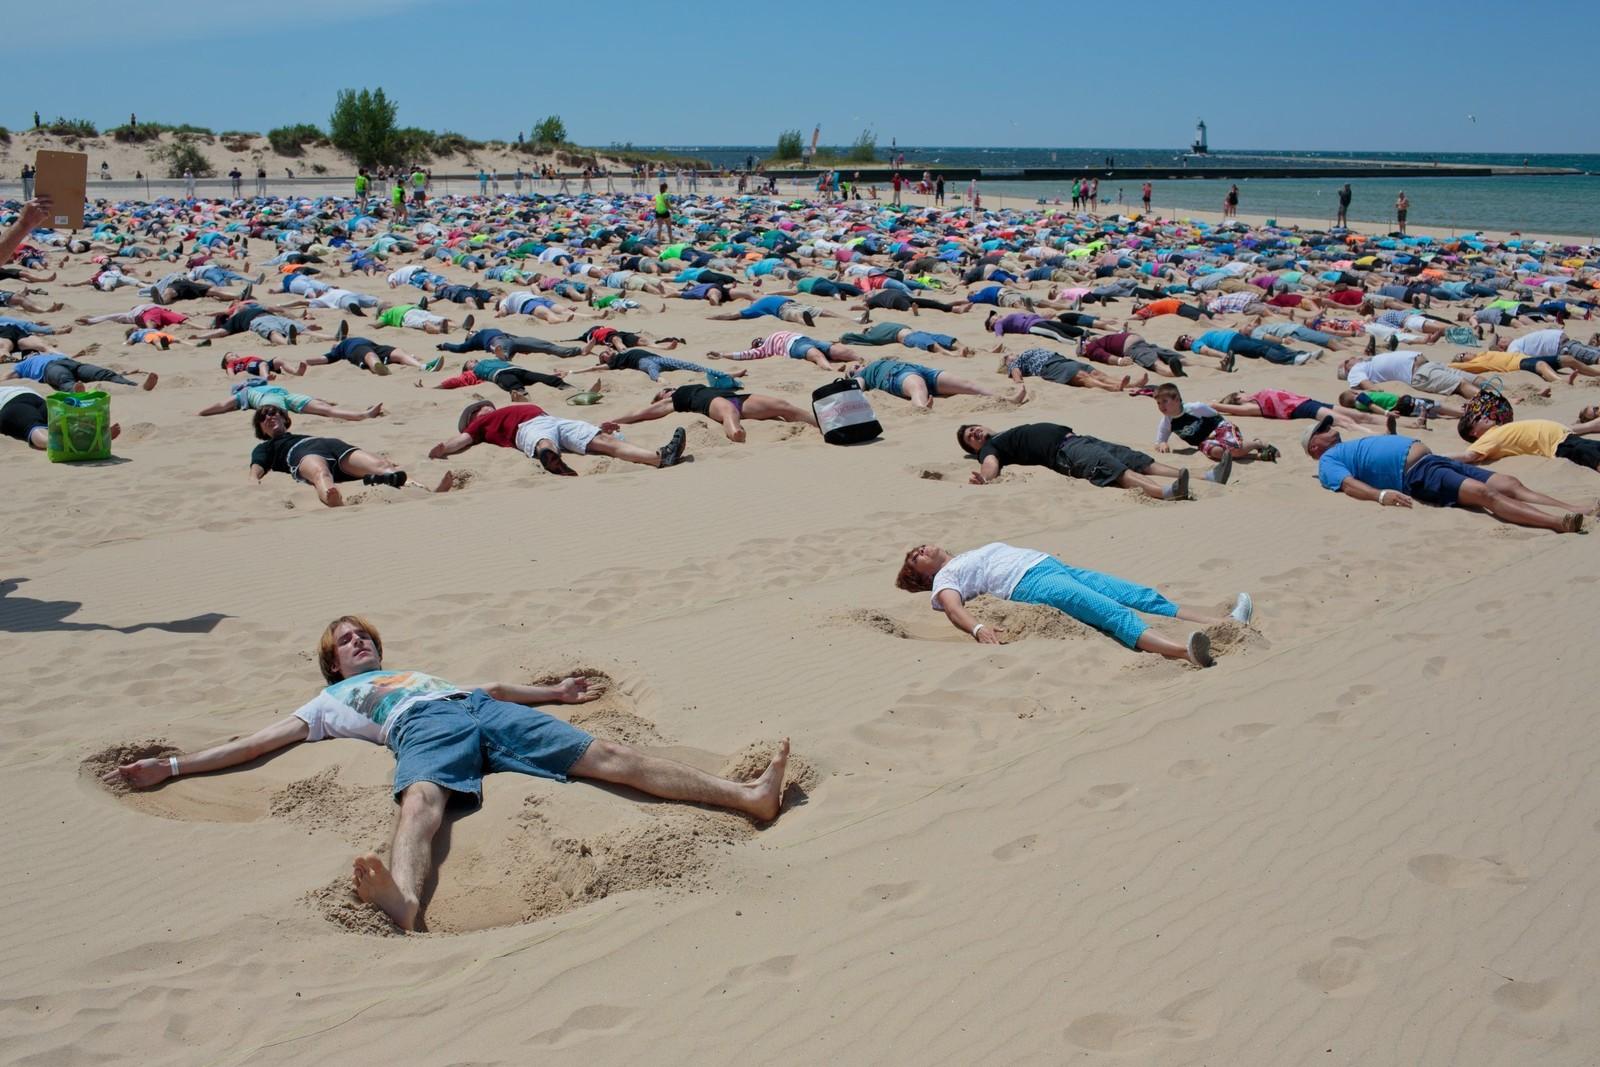 Ny verdensrekord i å lage sandengler ble satt i Michigan, USA søndag. 1414 samtidige utøvere gjorde sitt for å slå den forrige rekorden, som var på 350.